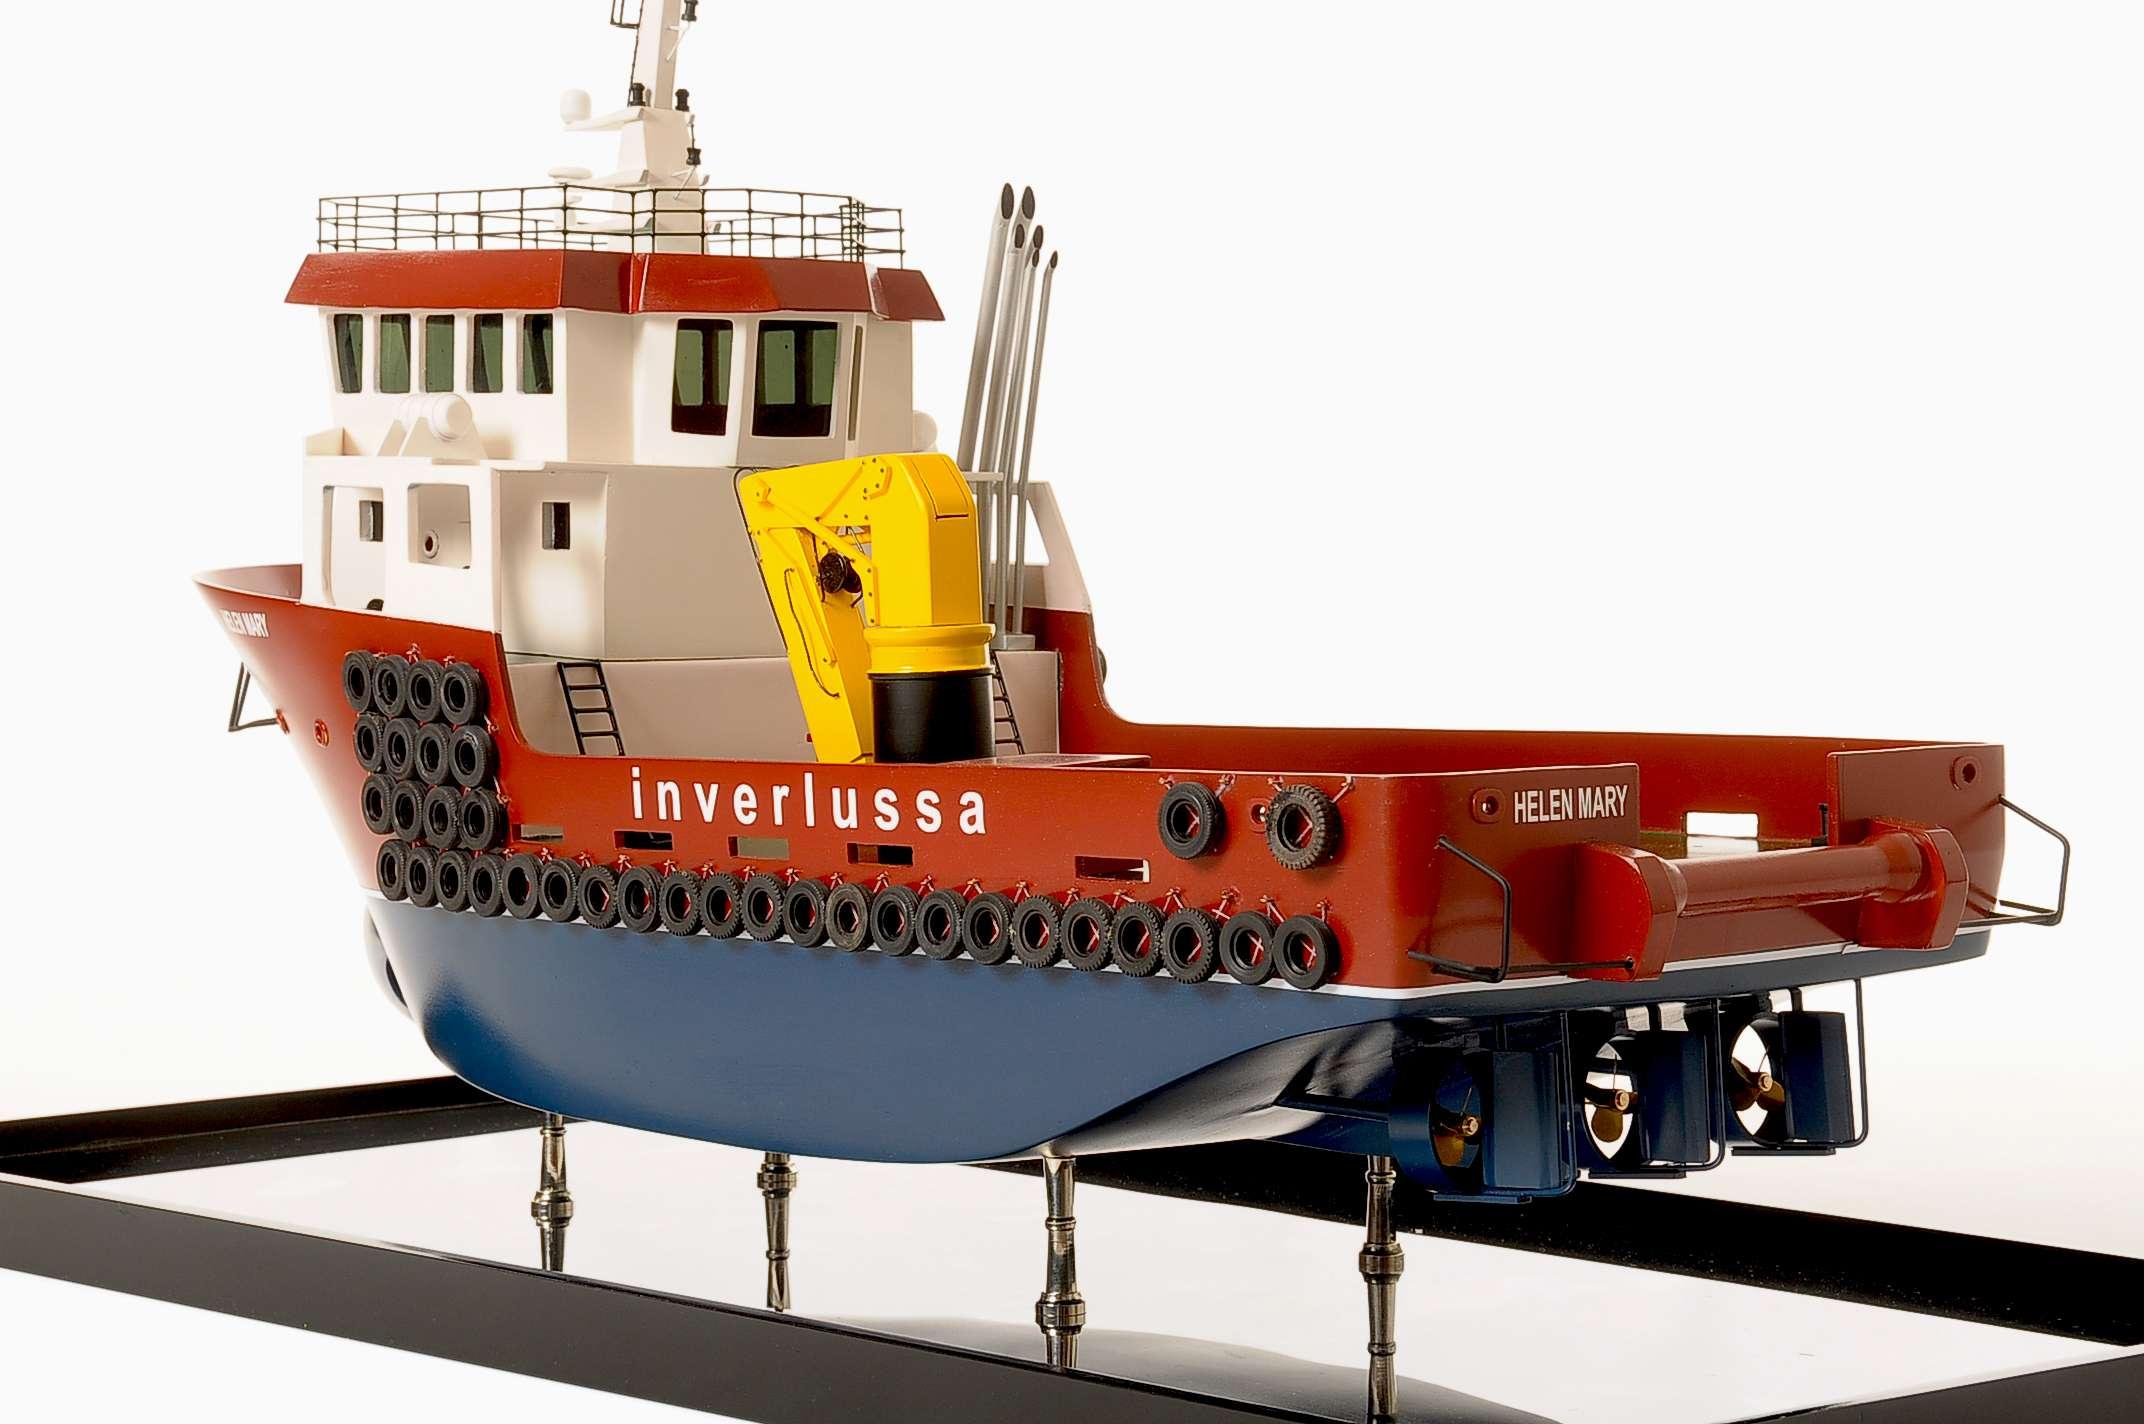 1478-4425-Helen-Mary-Work-Vessel